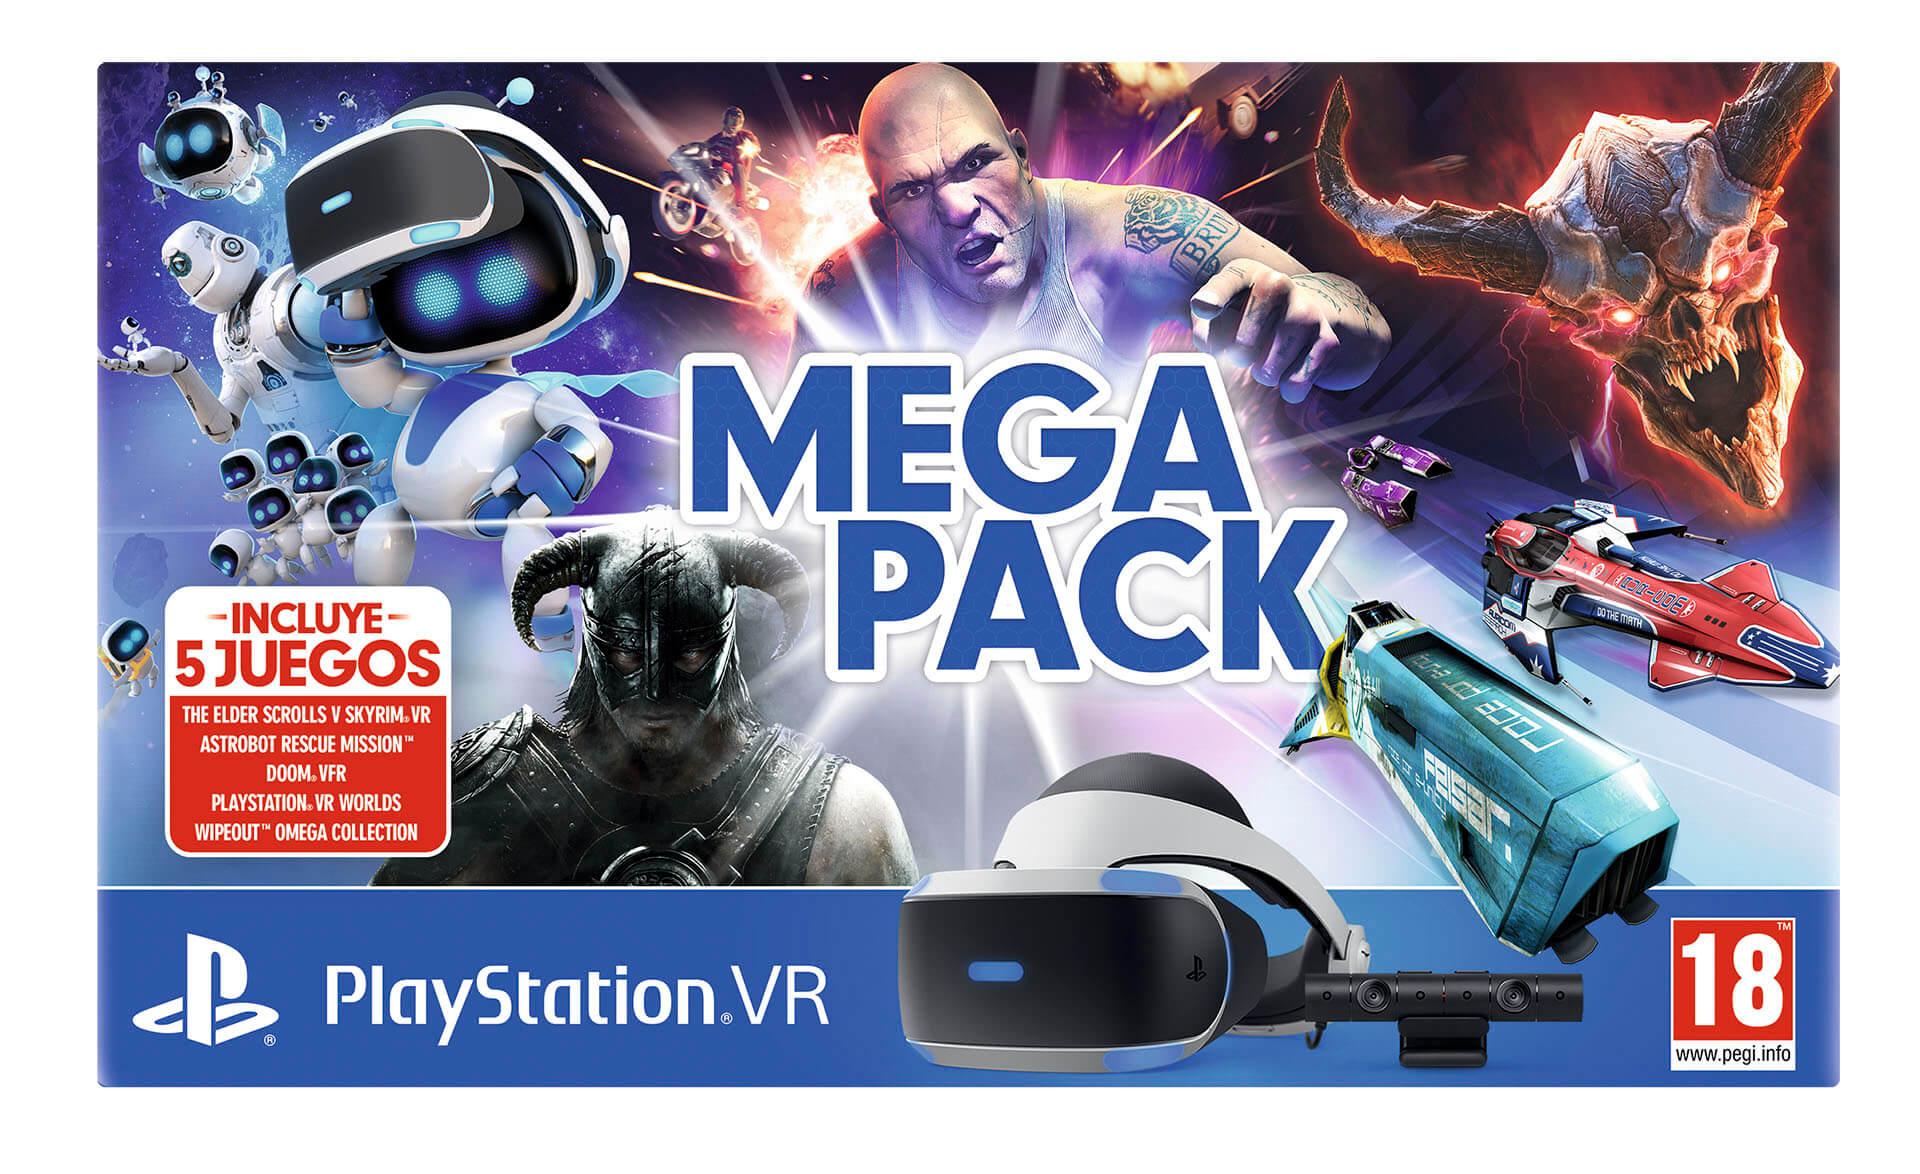 Sony anuncia un Mega Pack de PlayStation VR